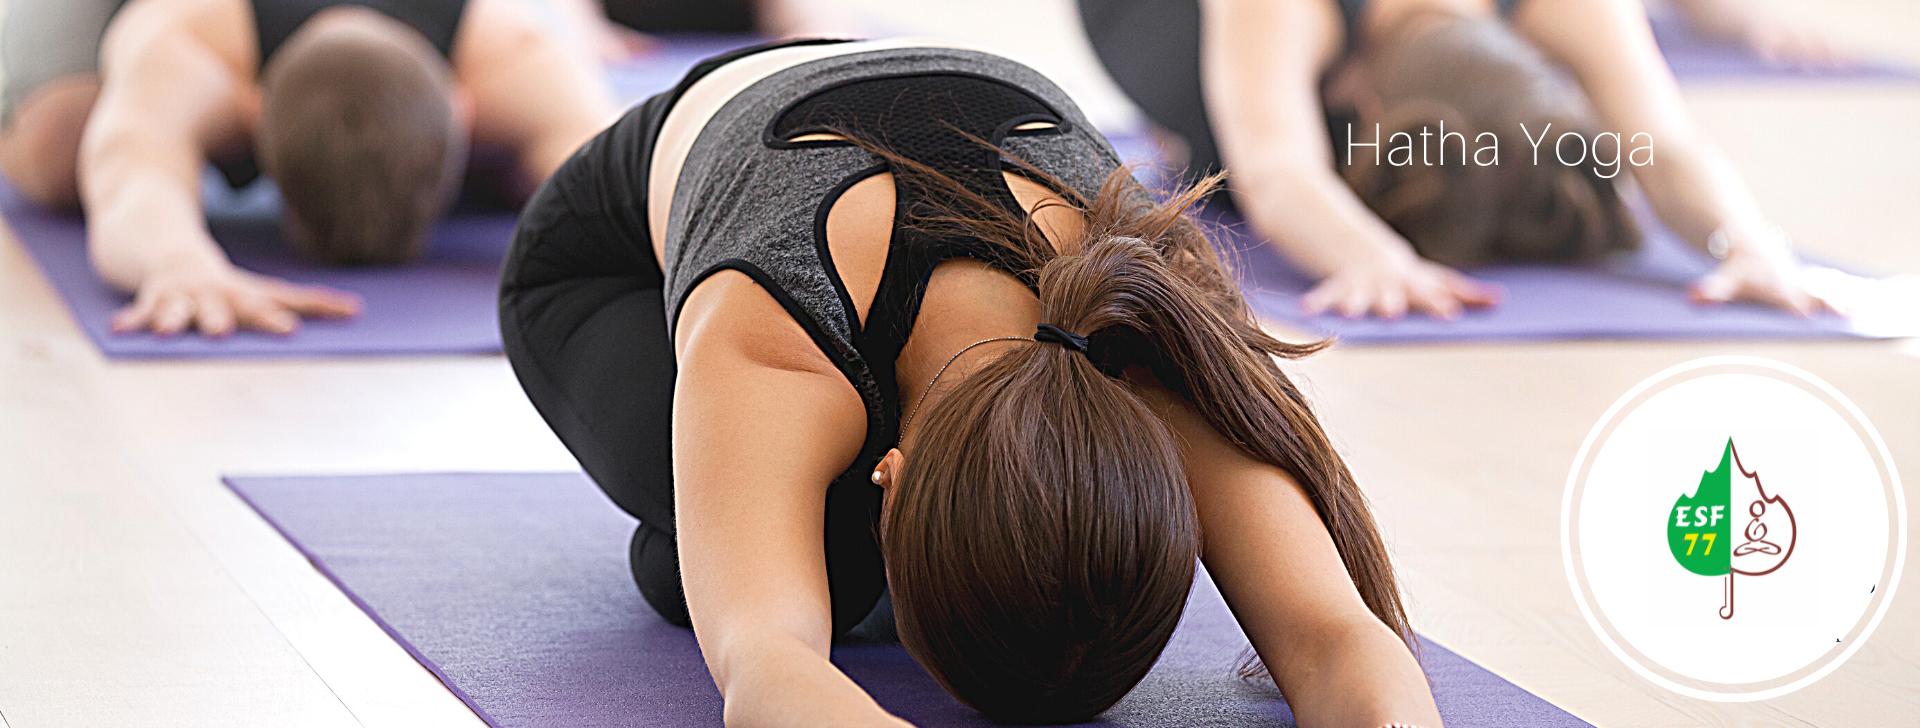 Postures de yoga ESF77